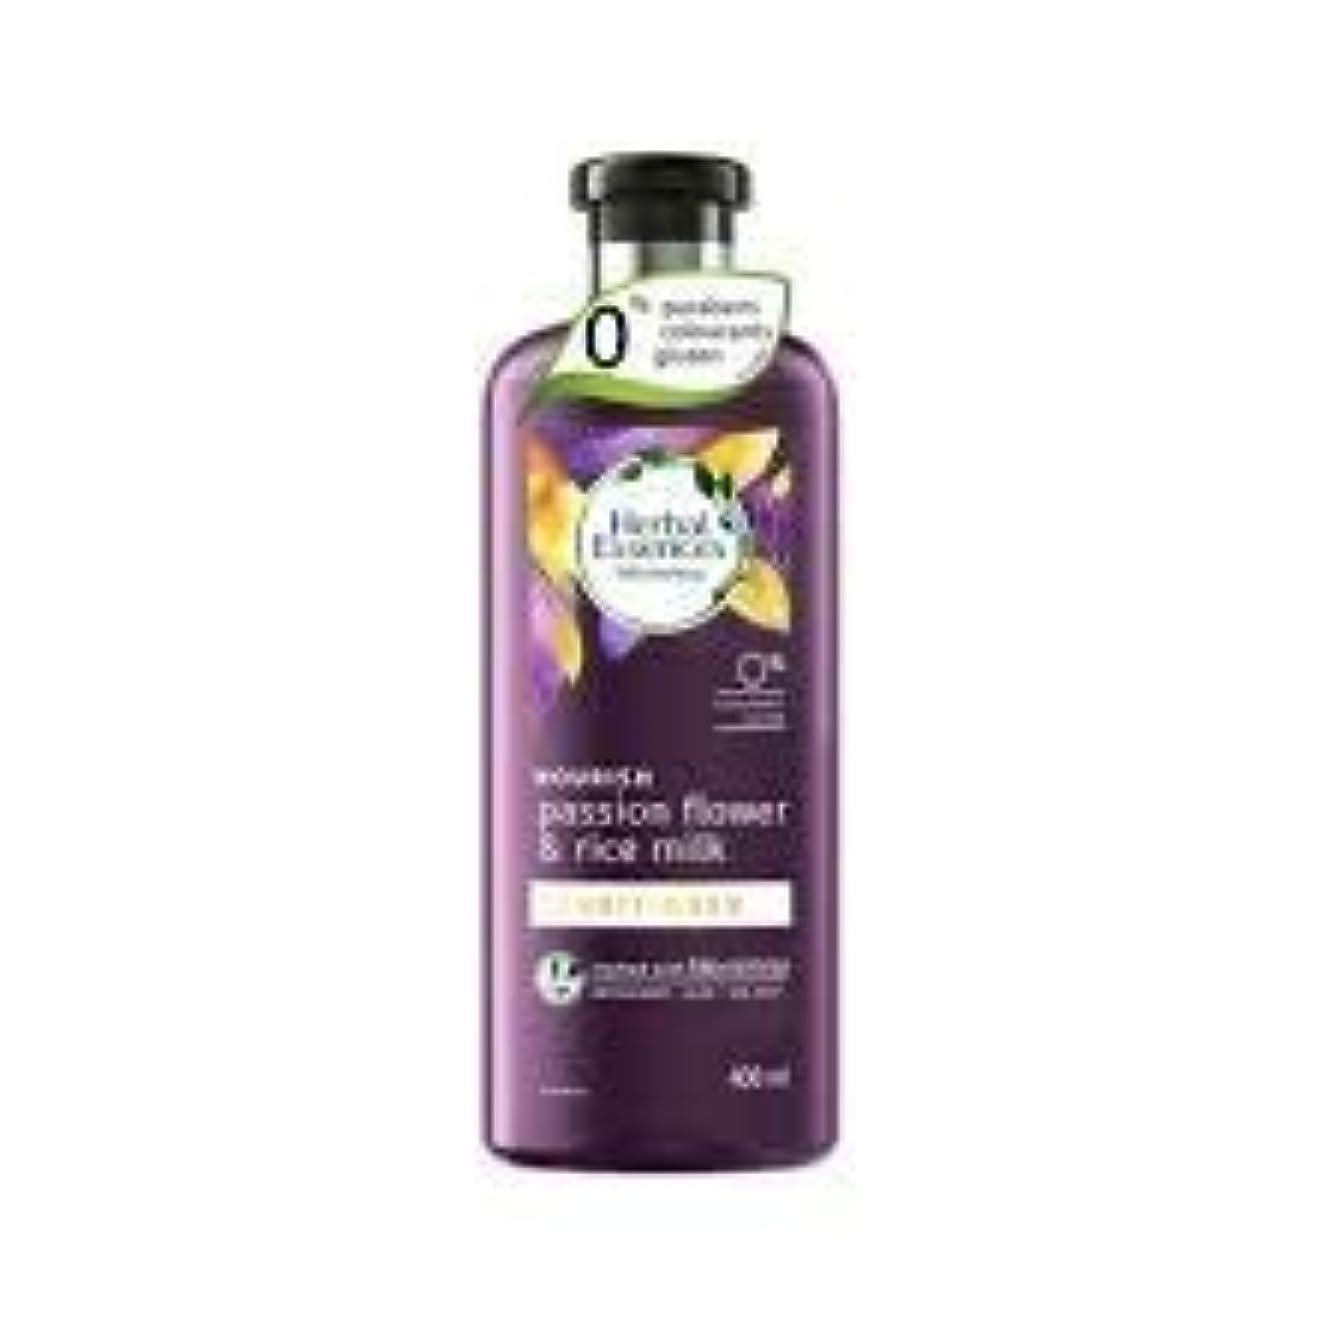 禁止する中絶原油CLAIROL HERBAL ESSENCES 400ミリリットルのパッションフルーツとライスミルク機 - エアコンがセーフカラーで、なめらかな髪に栄養を与えます